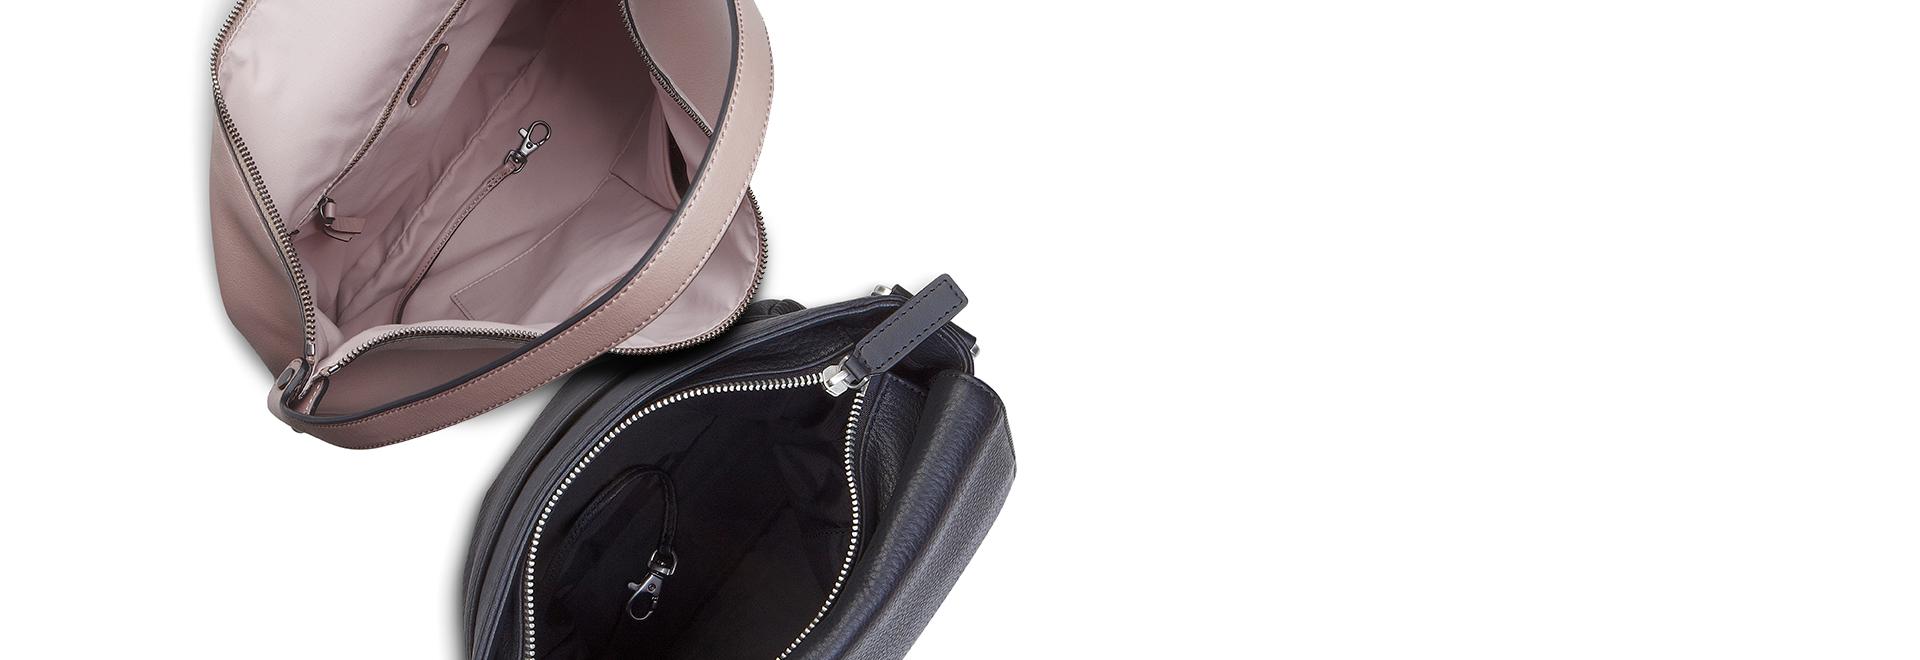 ECCO è un'azienda globale, leader nel settore delle calzature innovative e confortevoli per uomo, donna e bambino.